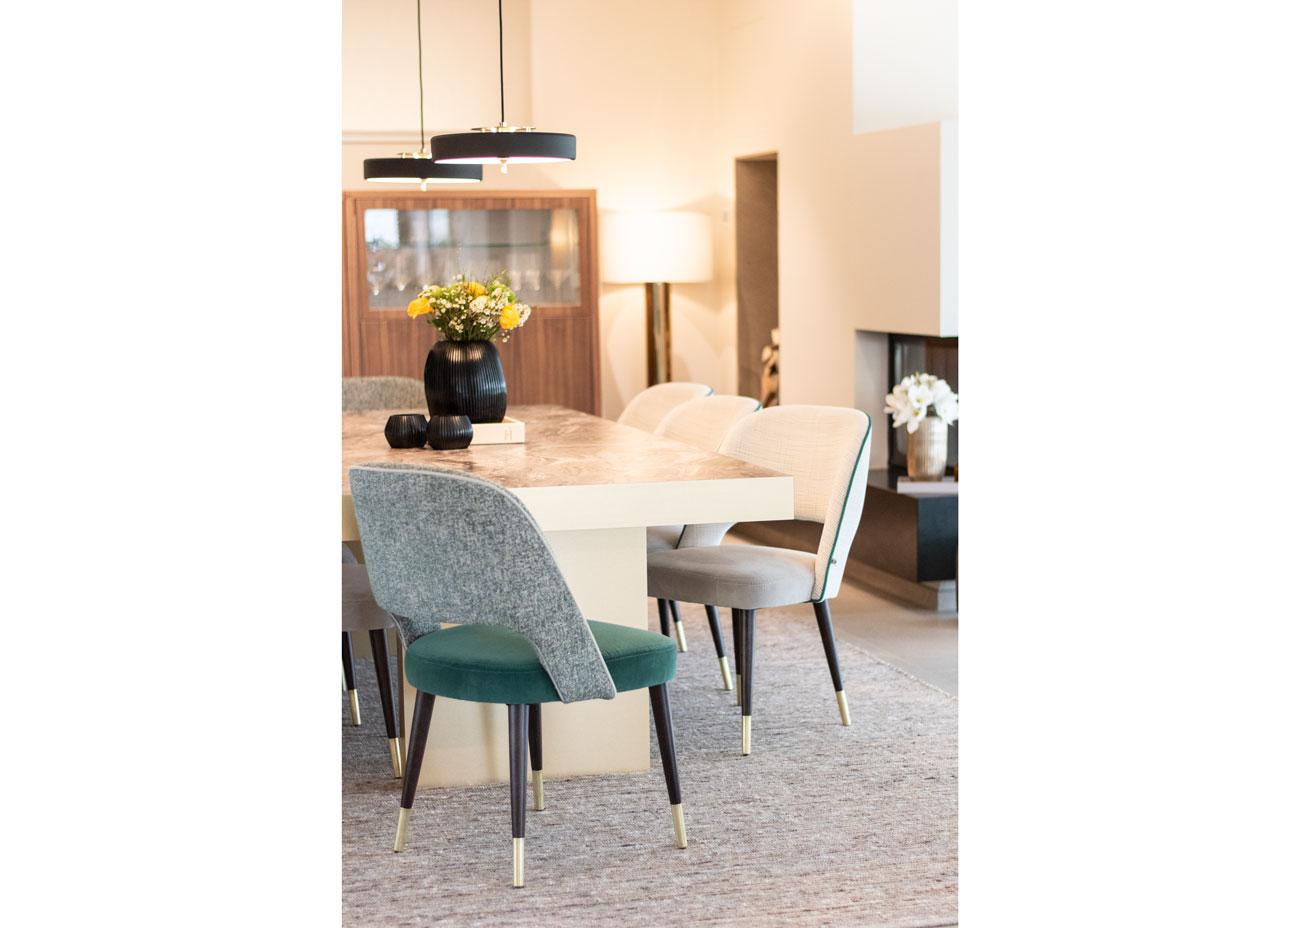 haus einrichten essbereich tisch stühle Vase mit blumen teppich kamin leuchten